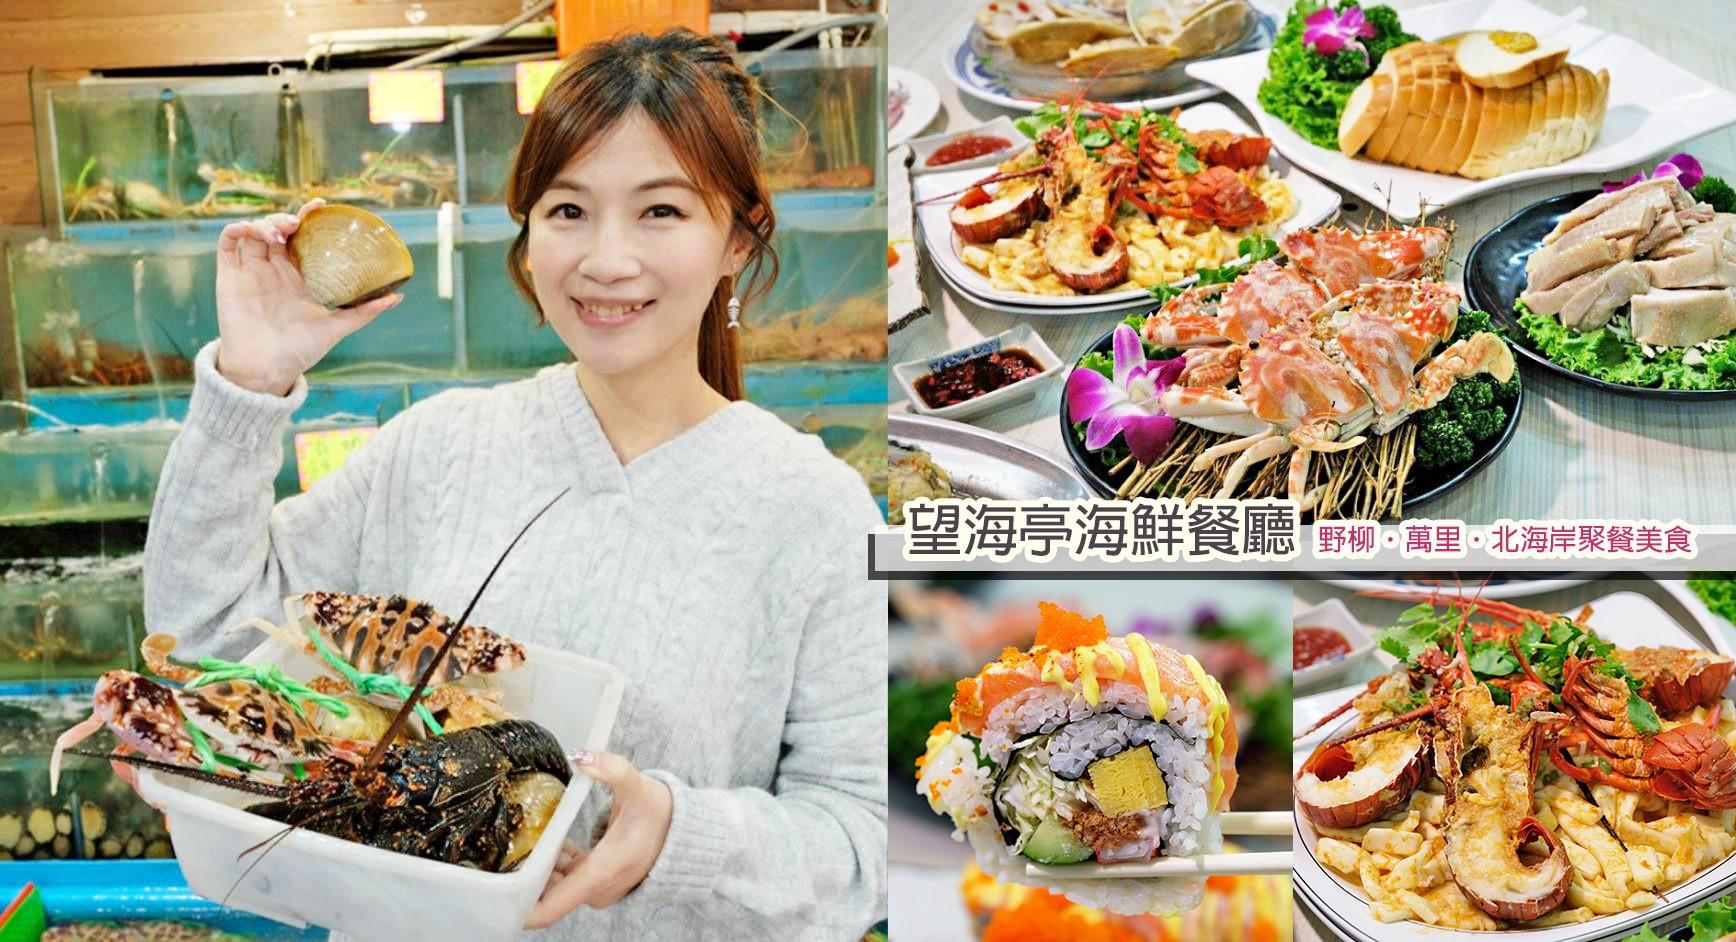 新北万里美食》望海亭海鲜餐厅~野柳吃海鲜聚餐~有免费停车场很大心 - yukiblog.tw